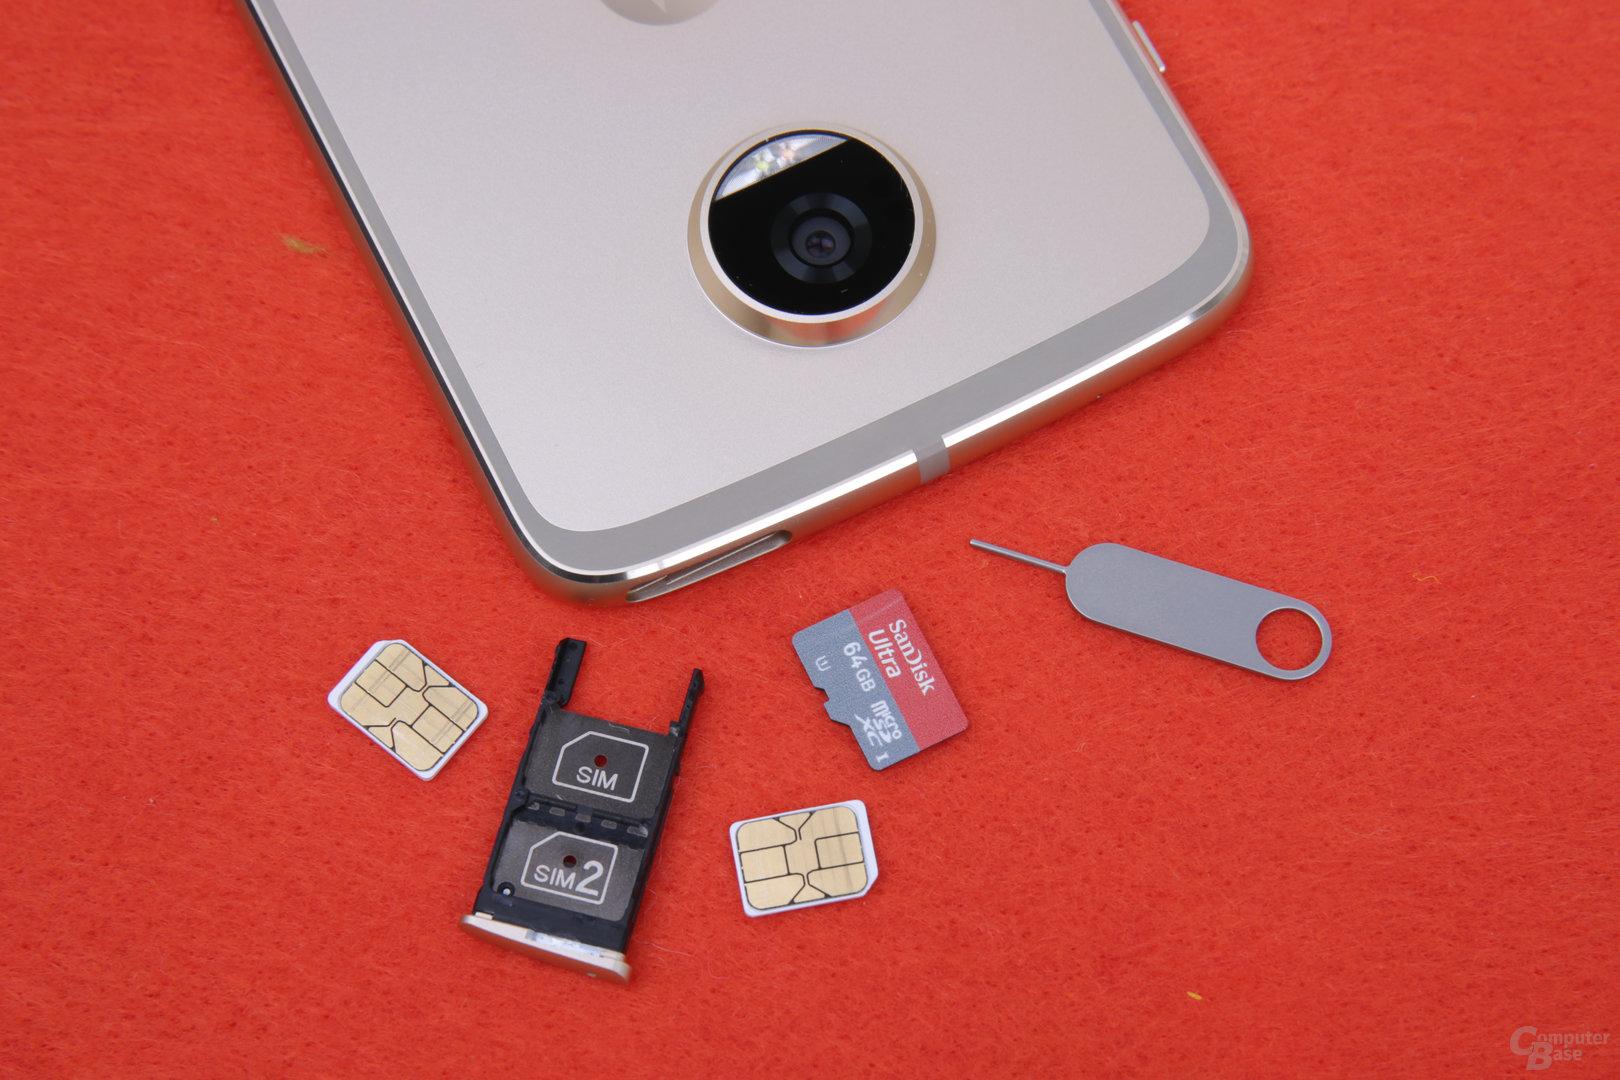 Das Moto Z2 Play nimmt zwei SIM- und eine microSD-Karte auf